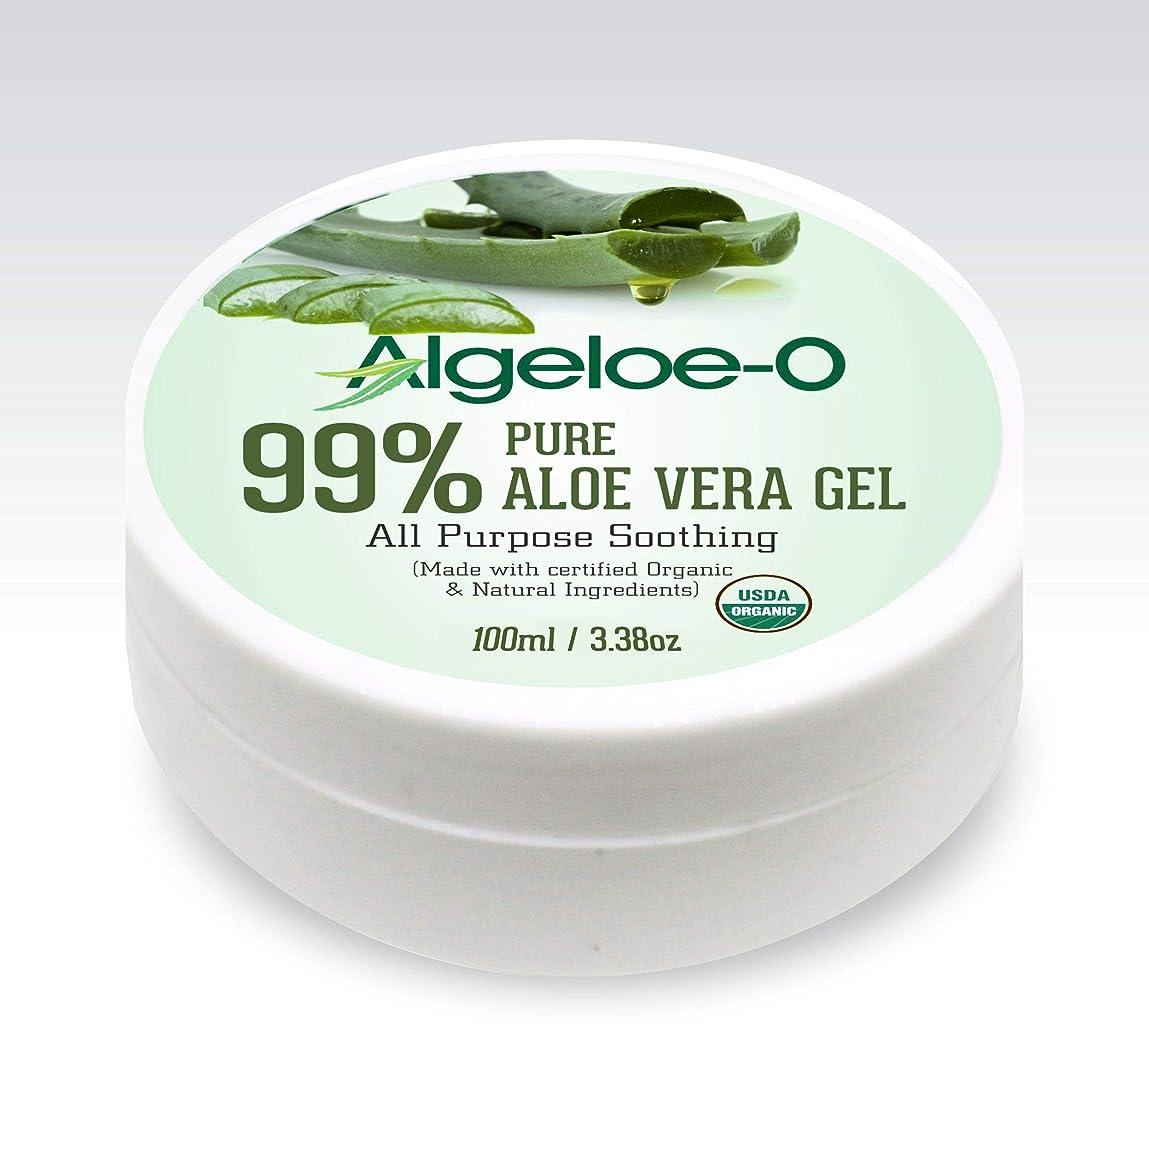 累積オーナー国民Algeloe-O? Organic Aloe Vera Gel 99% Pure Natural made with USDA Certified Aloe Vera Powder Paraben, sulfate free with no added color 100ml/3.38oz.